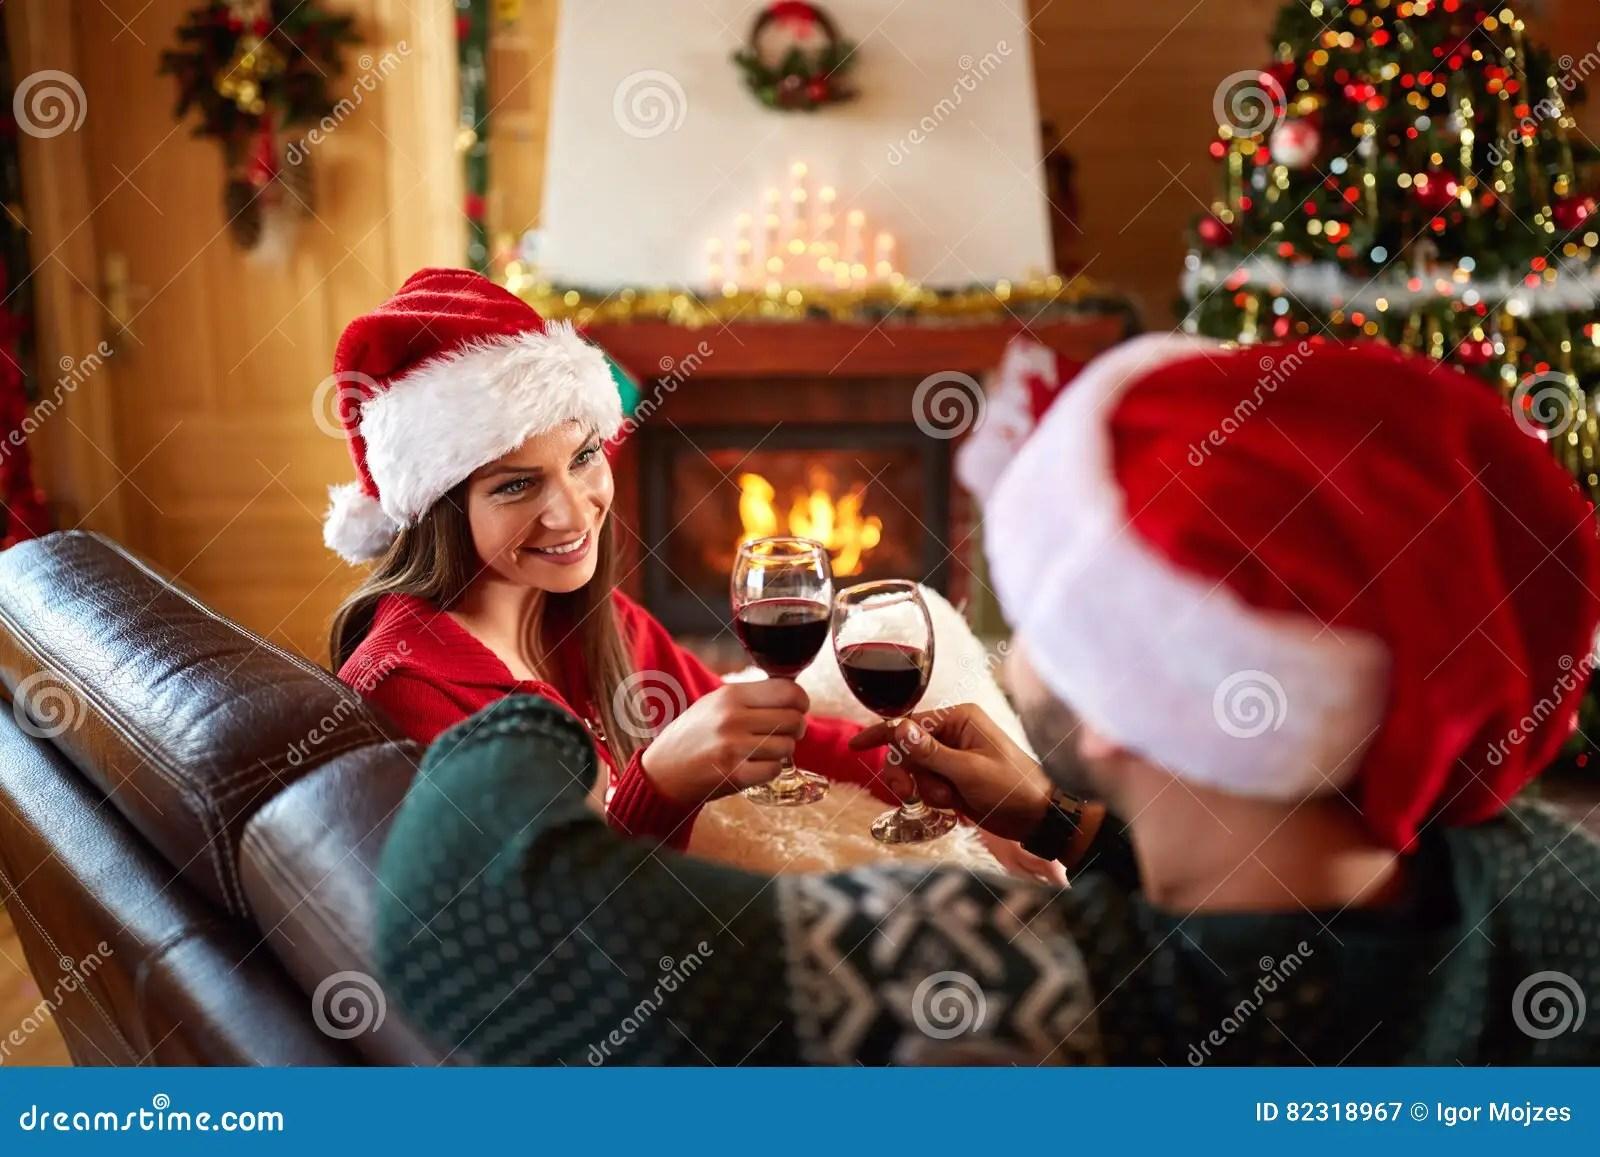 Le 50 frasi di auguri più dolci e romantiche (con immagini) il natale è la festa che più di tutte è importante passarla con le persone che amiamo e che abbiamo più care. 24 410 Christmas Romantic Wine Photos Free Royalty Free Stock Photos From Dreamstime